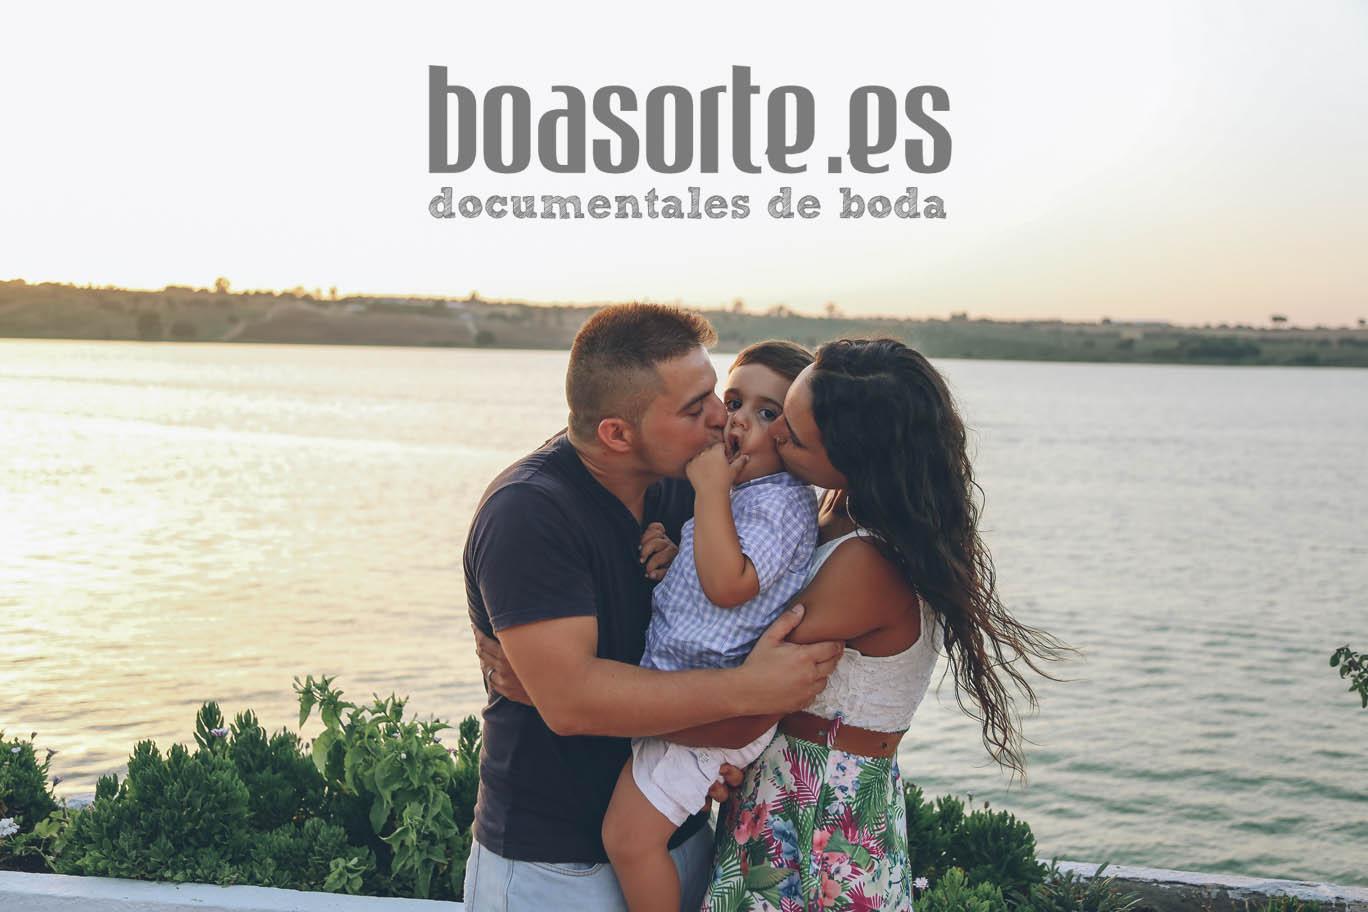 fotografia_preboda_en_familia_boasorte10